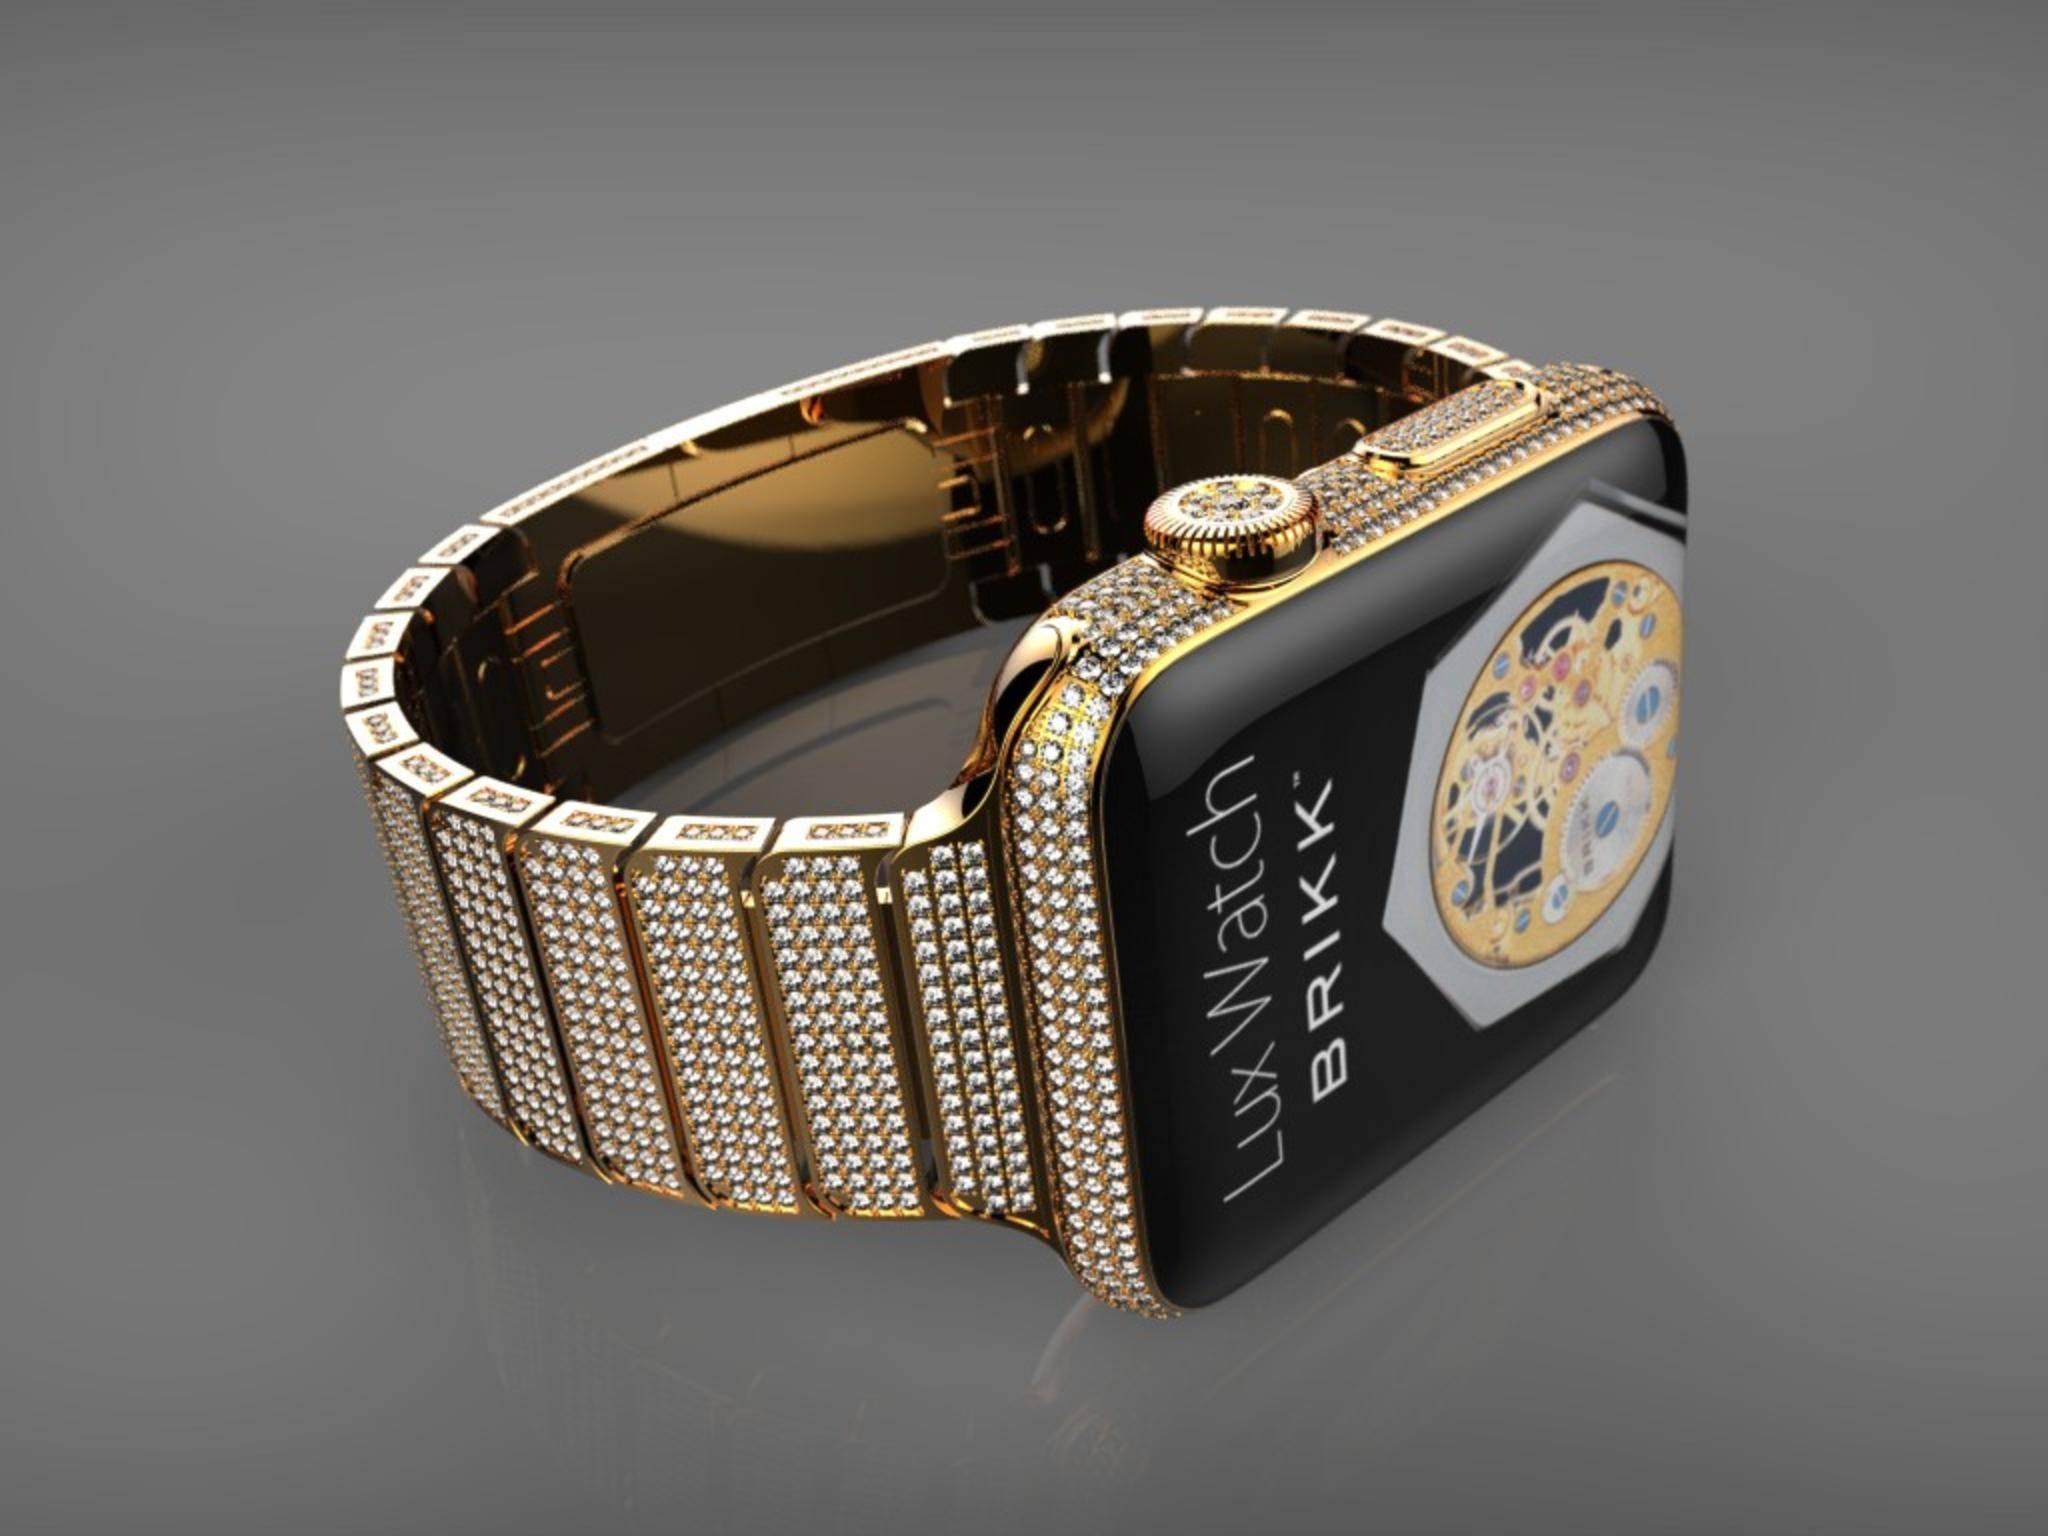 Die Brikk Lux Watch Omni kostet bis zu 75.000 US-Dollar.